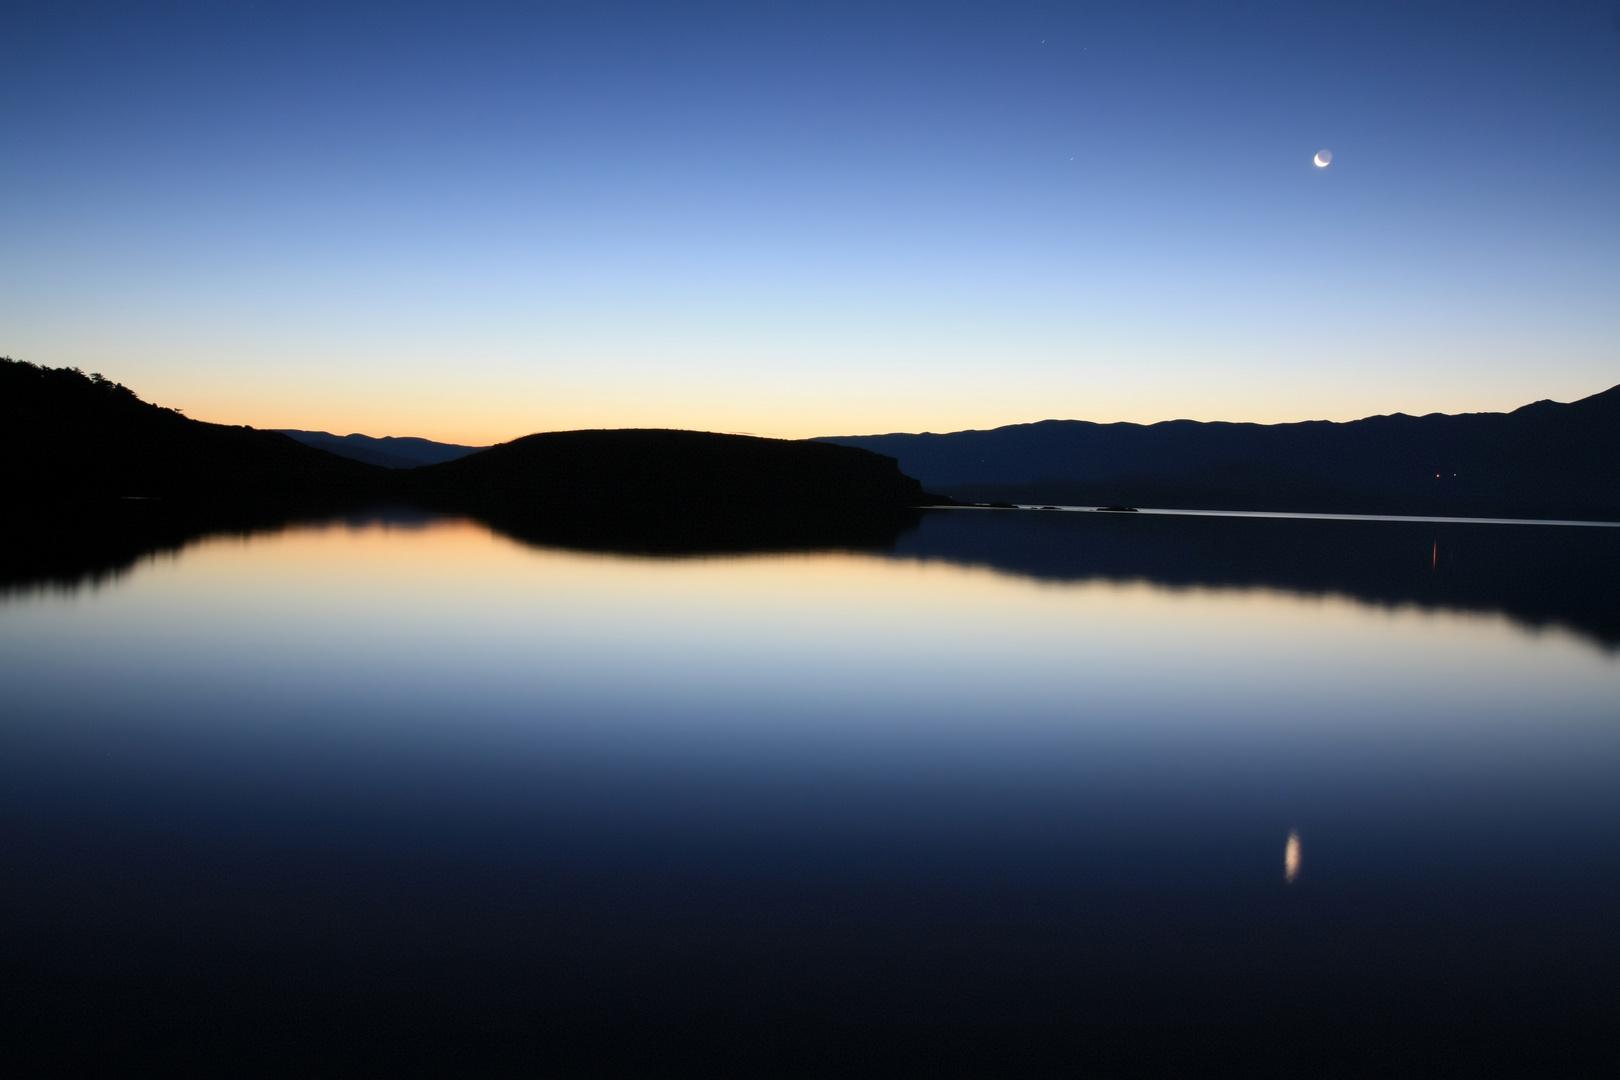 Sonnenaufgang mit Meerblick